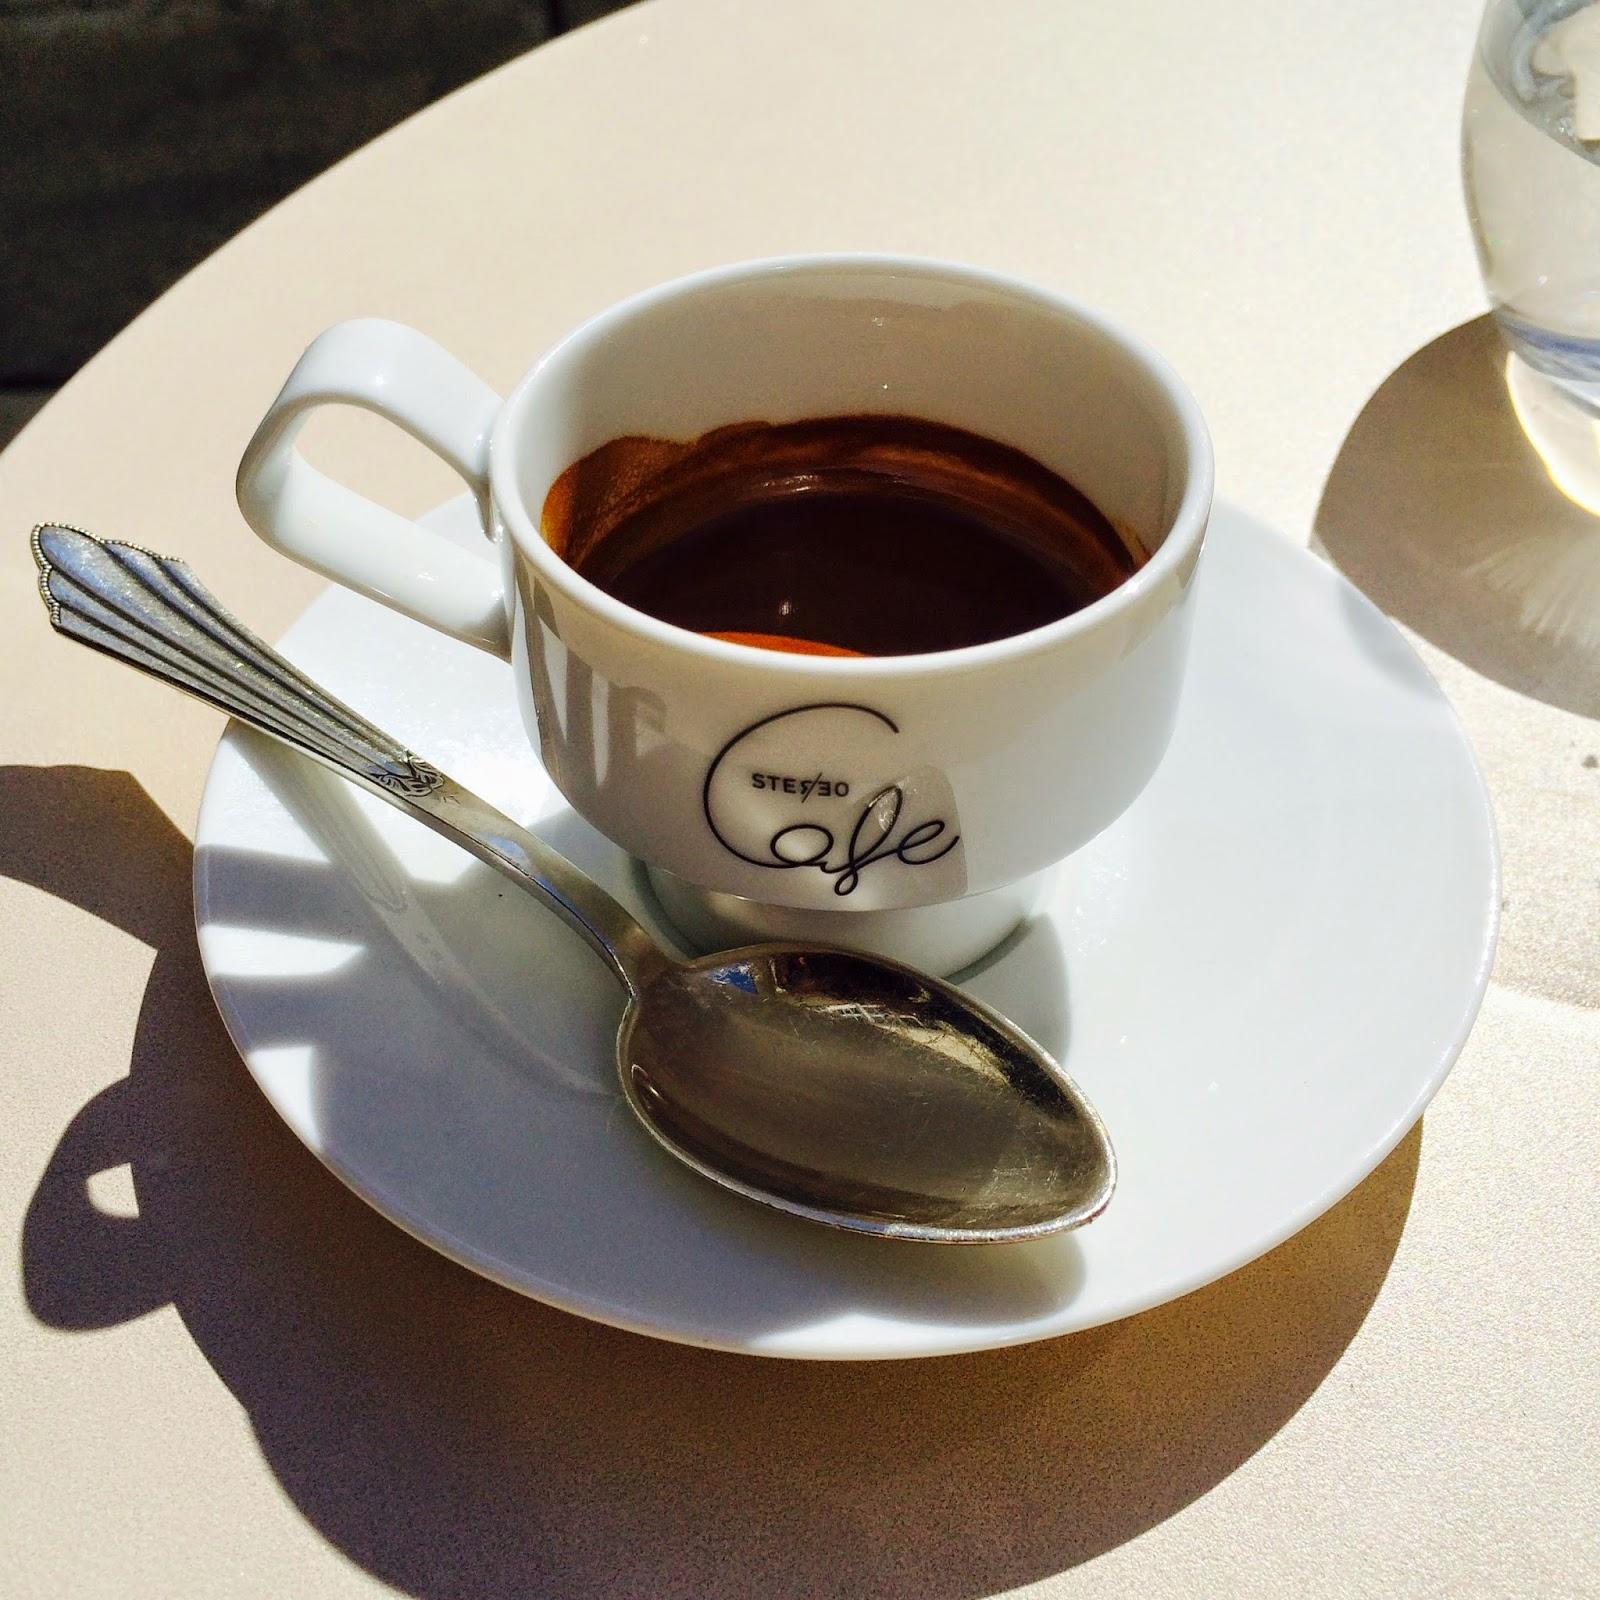 Stereo MUC Cafe Munich